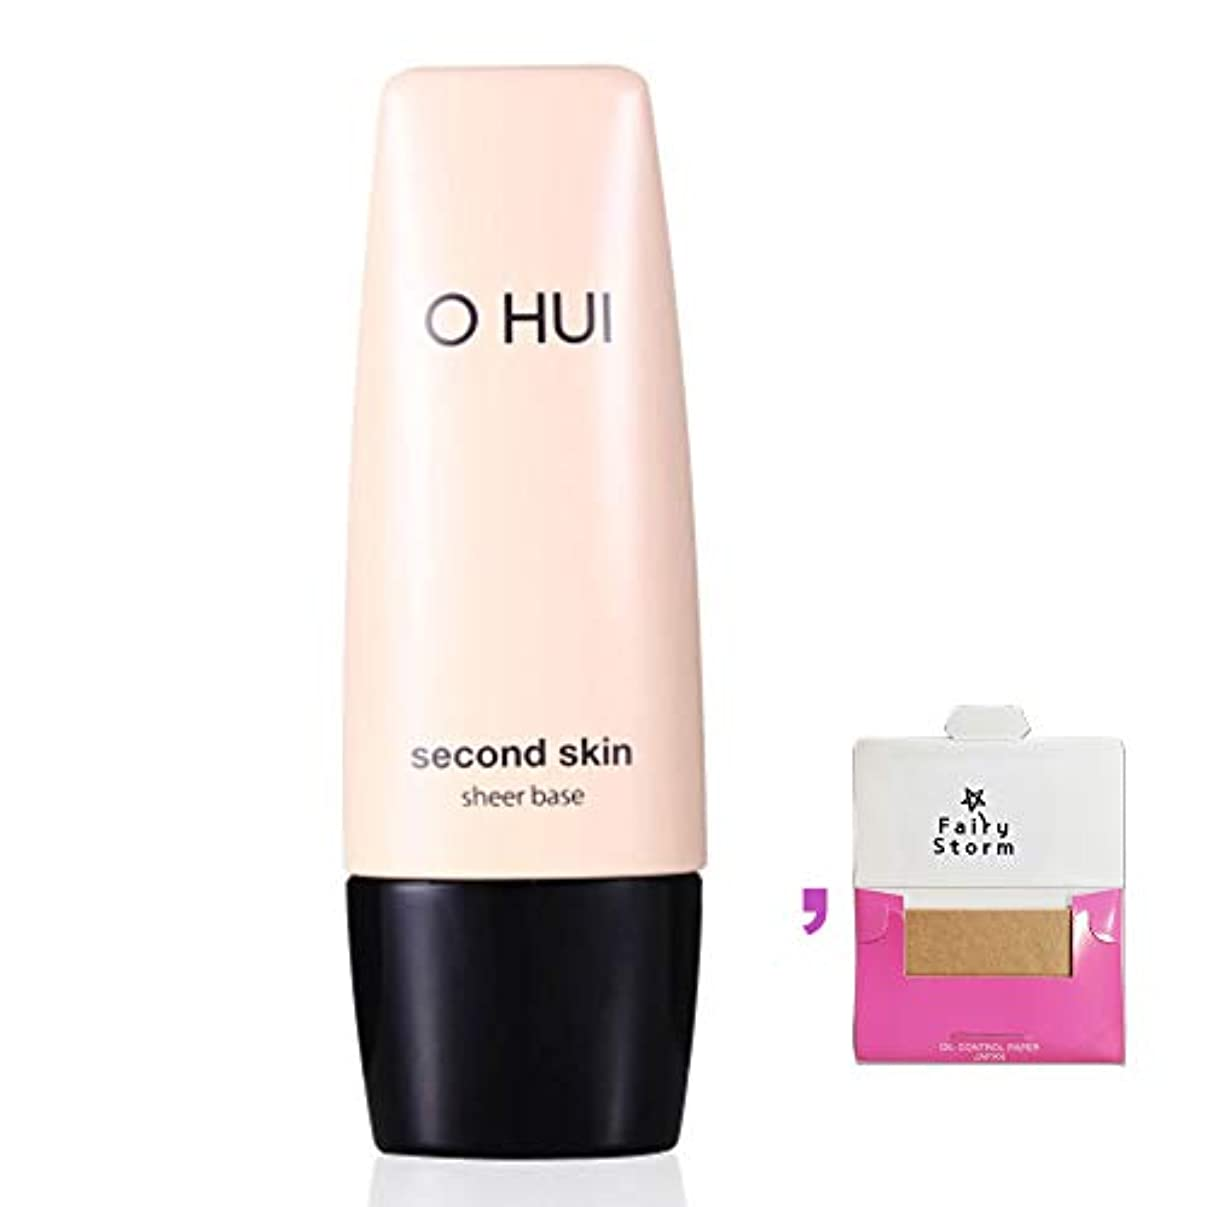 デンプシー楽観発信[オフィ/O HUI]韓国化粧品 LG生活健康/OHUI OMB01 SECOND SKIN SHEER BASE 40ml/ オフィ セカンドスキン シアーベース +[Sample Gift](海外直送品)